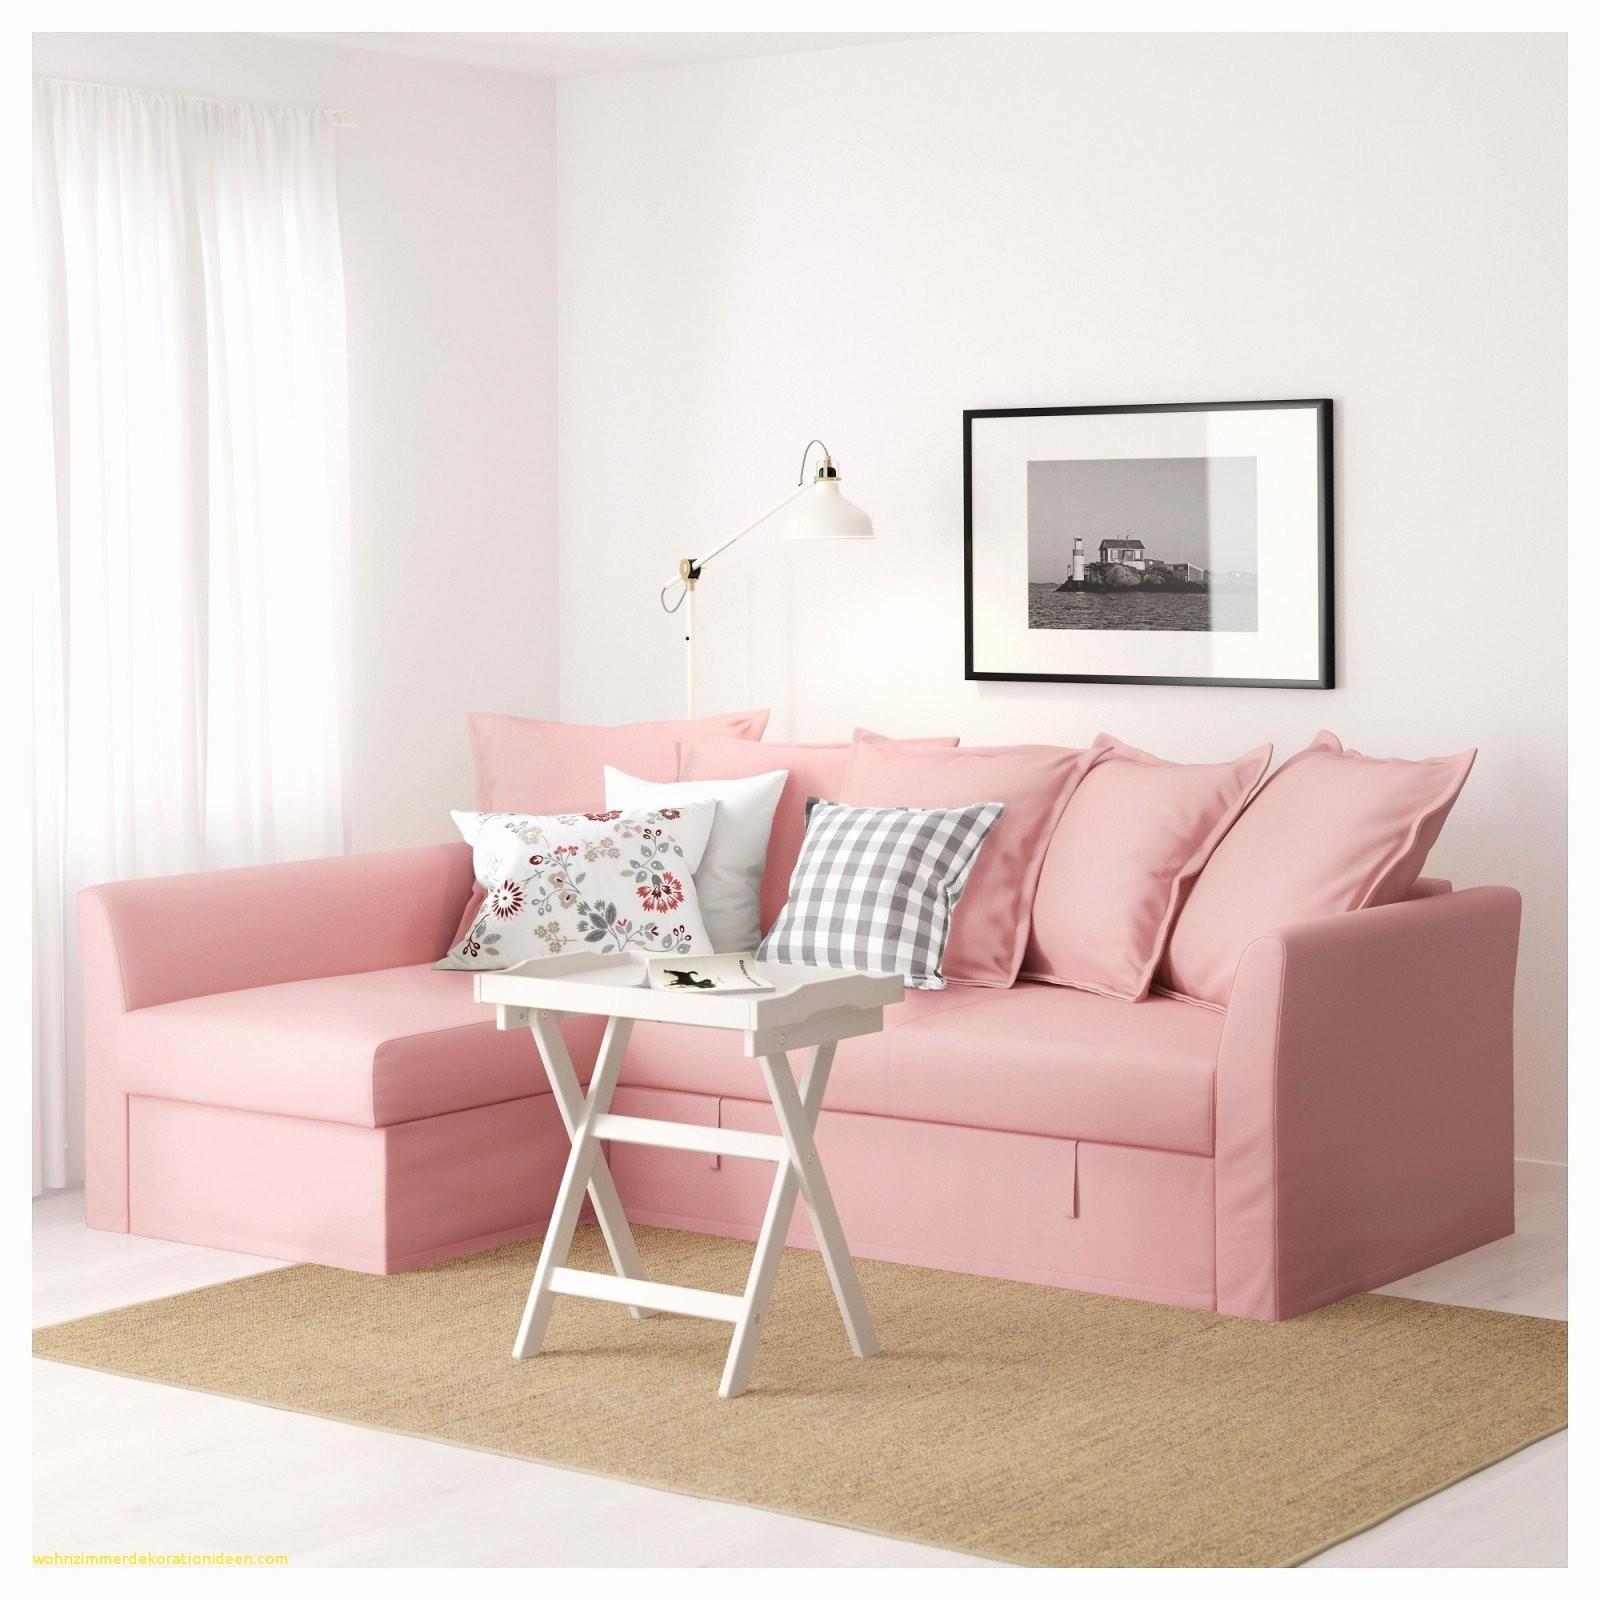 Ikea Wohnlandschaft Mit Schlaffunktion Elegant Sofa Mit Bettfunktion von Ikea Wohnlandschaft Mit Schlaffunktion Photo